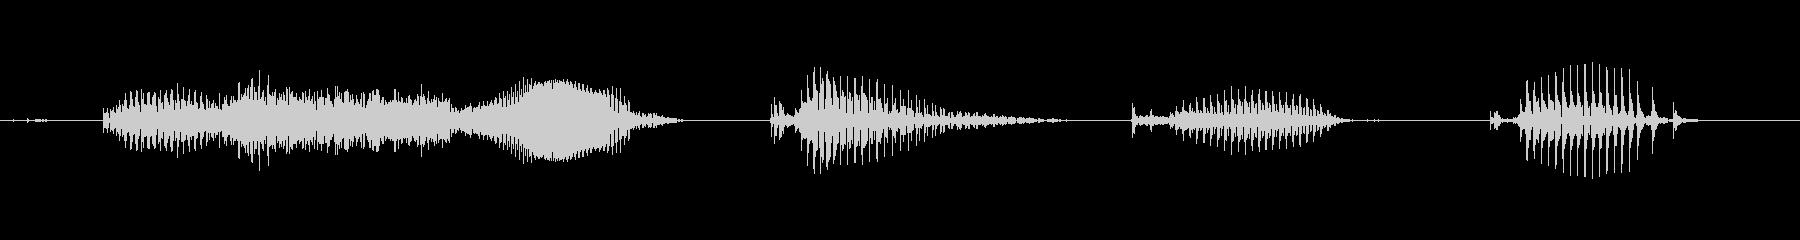 【日数・経過】1週間経過の未再生の波形